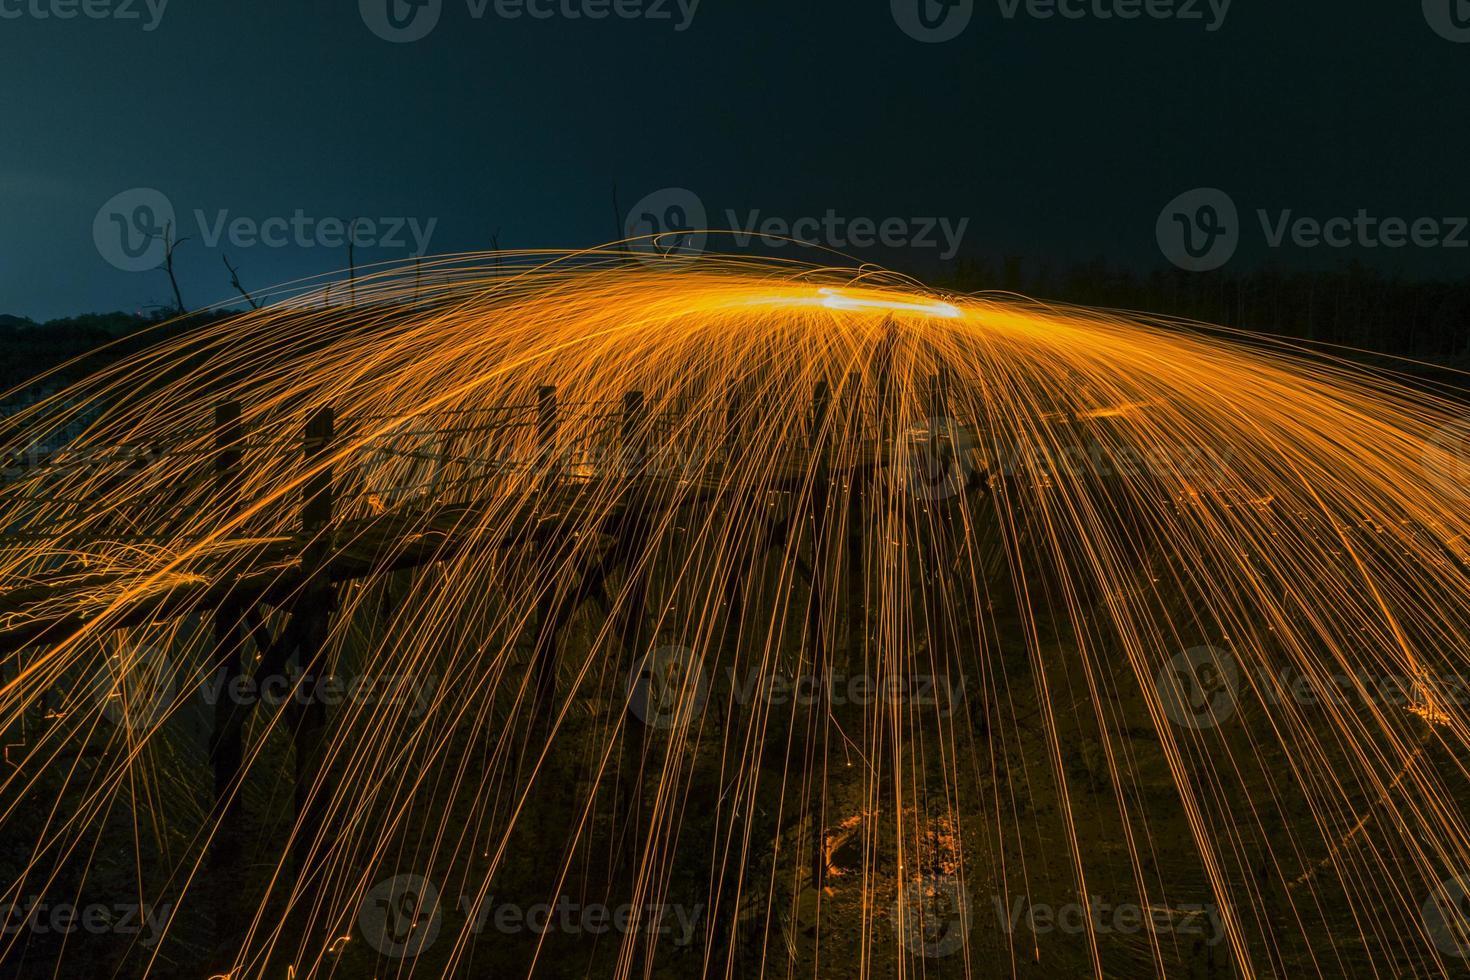 chuvas de fogo de artifício de faíscas brilhantes e quentes de lã de aço girando. foto